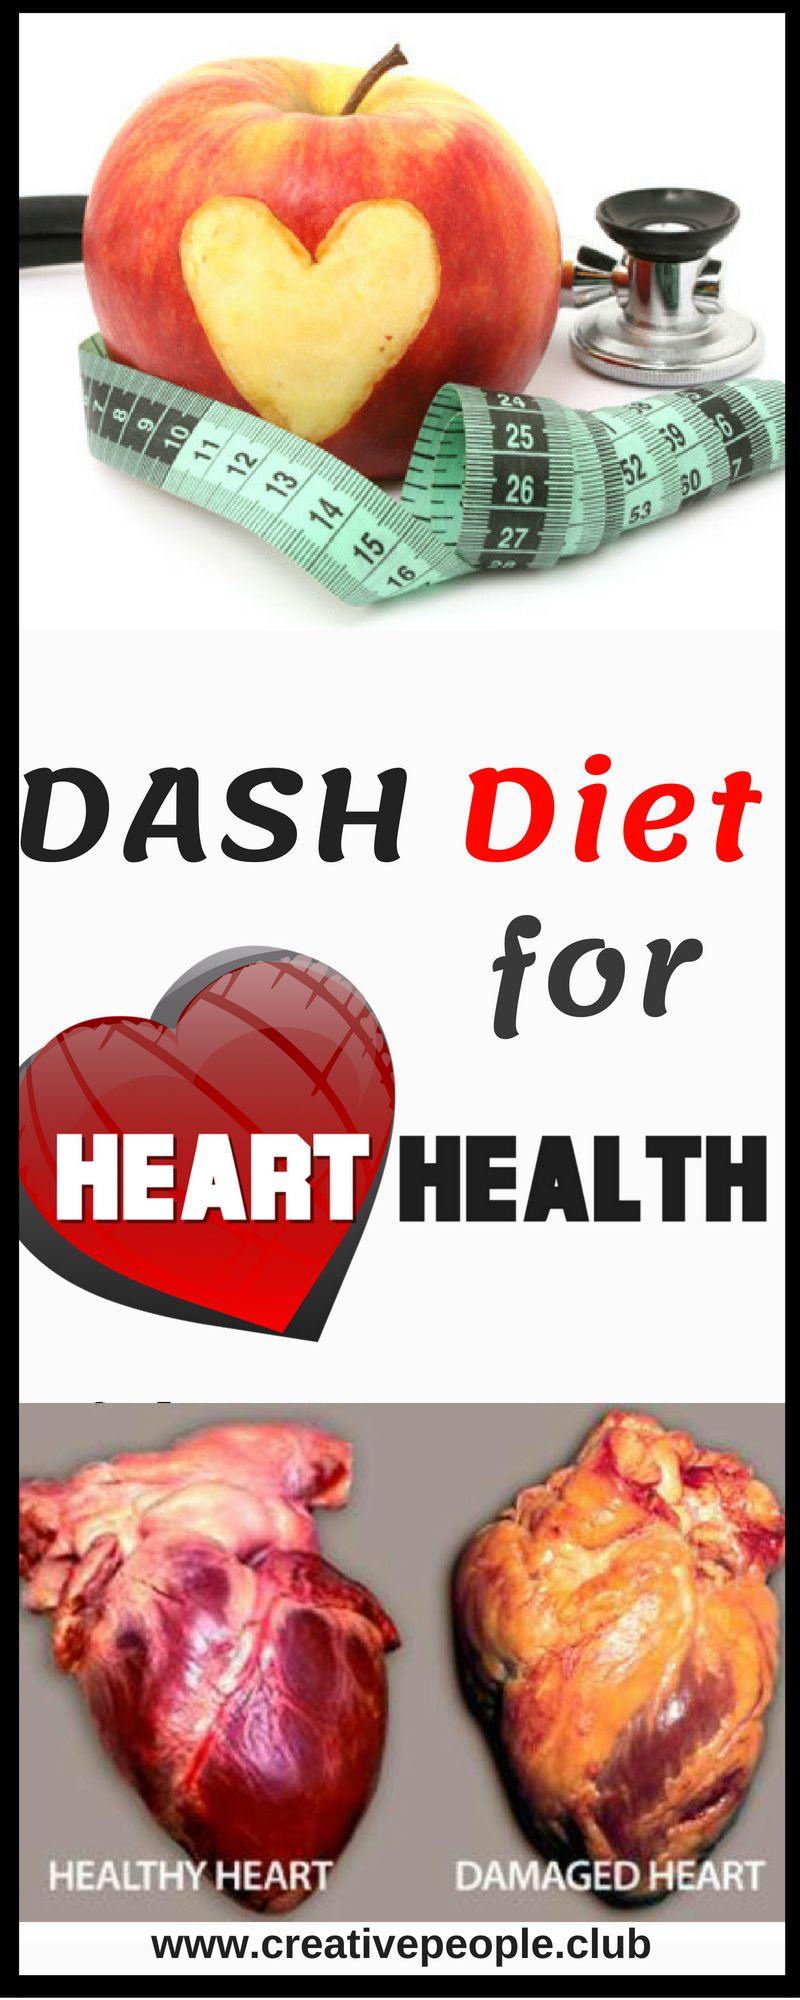 DASH Diet for Heart Health Creative People Dash diet